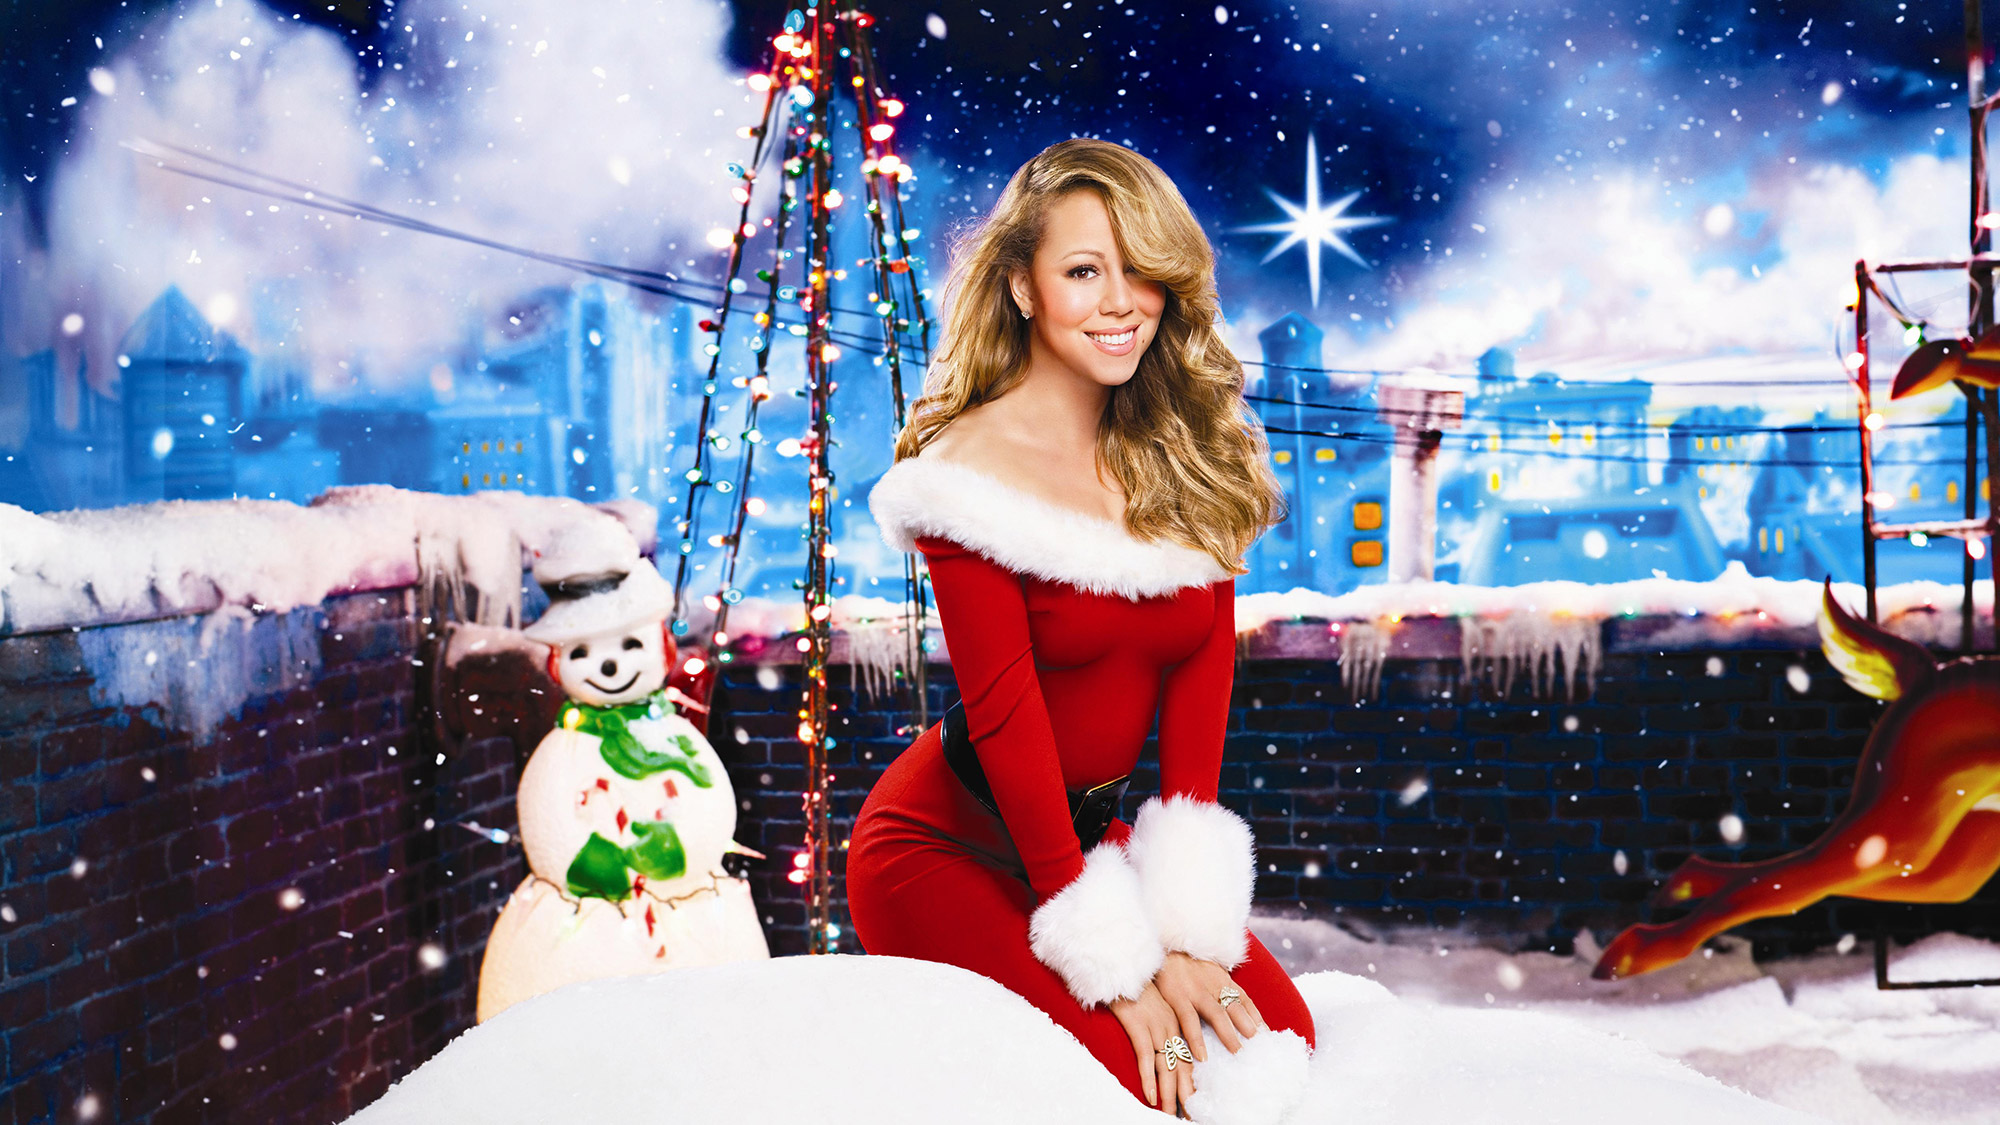 Die 16 besten Pop-Weihnachtssongs - Ticketcorner Blog